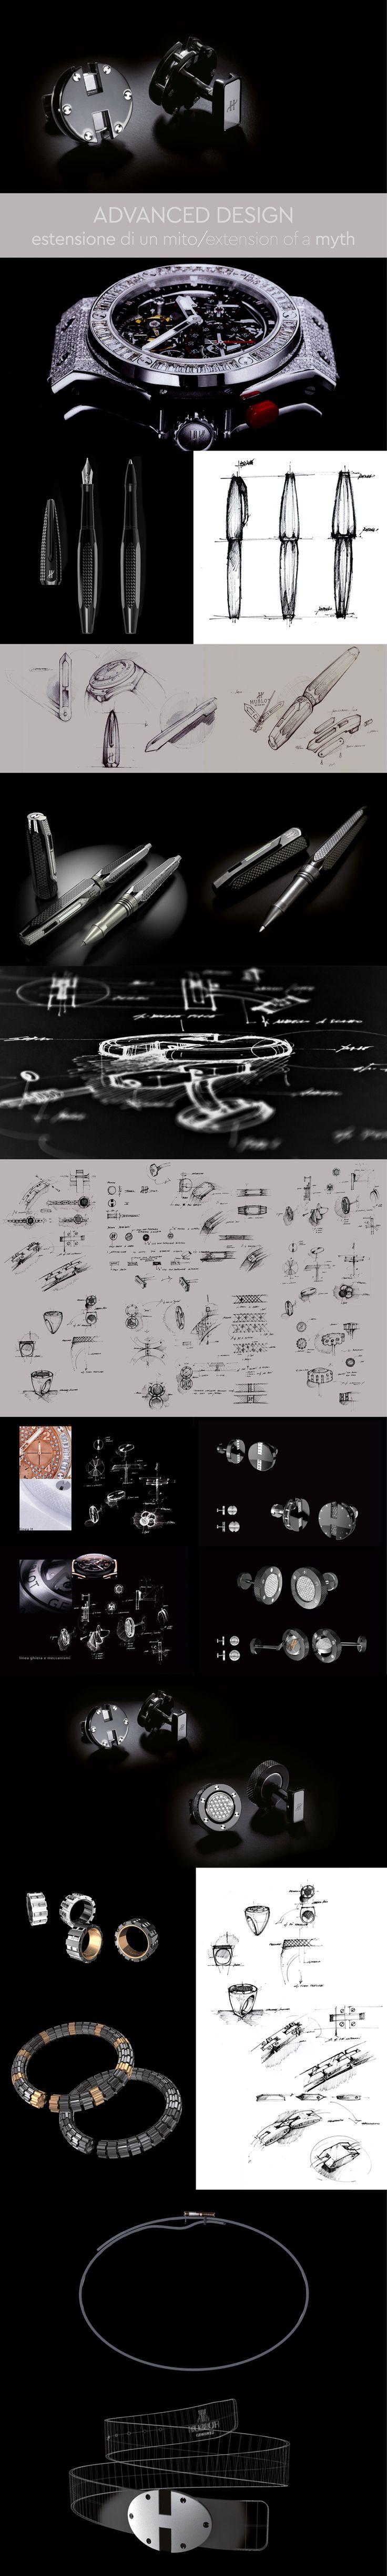 Massimiliano Bonoli - Advanced Design Project